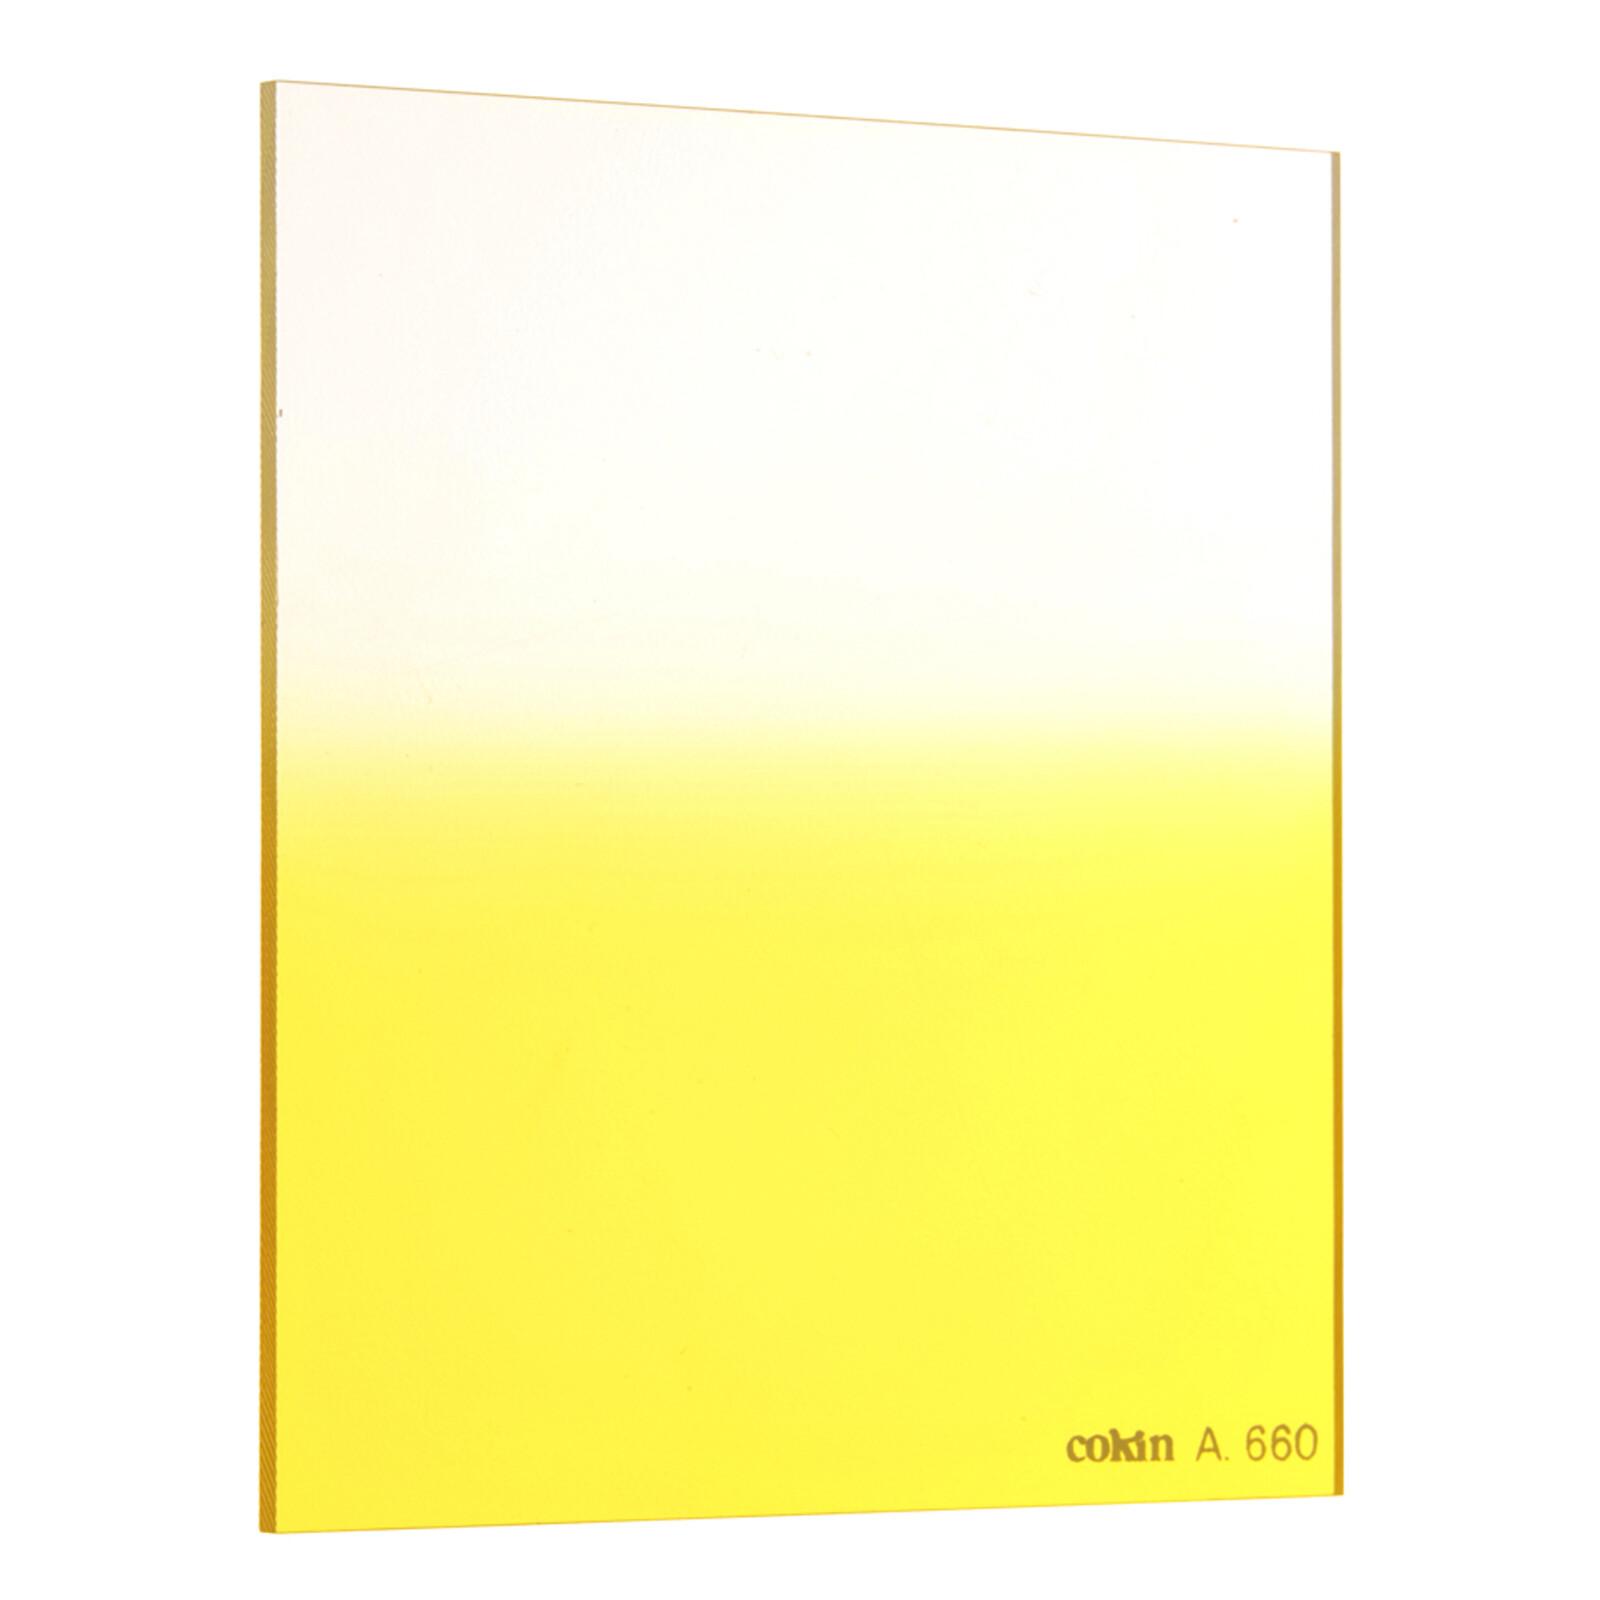 Cokin A660 Verlauf leuchtend Gelb 1